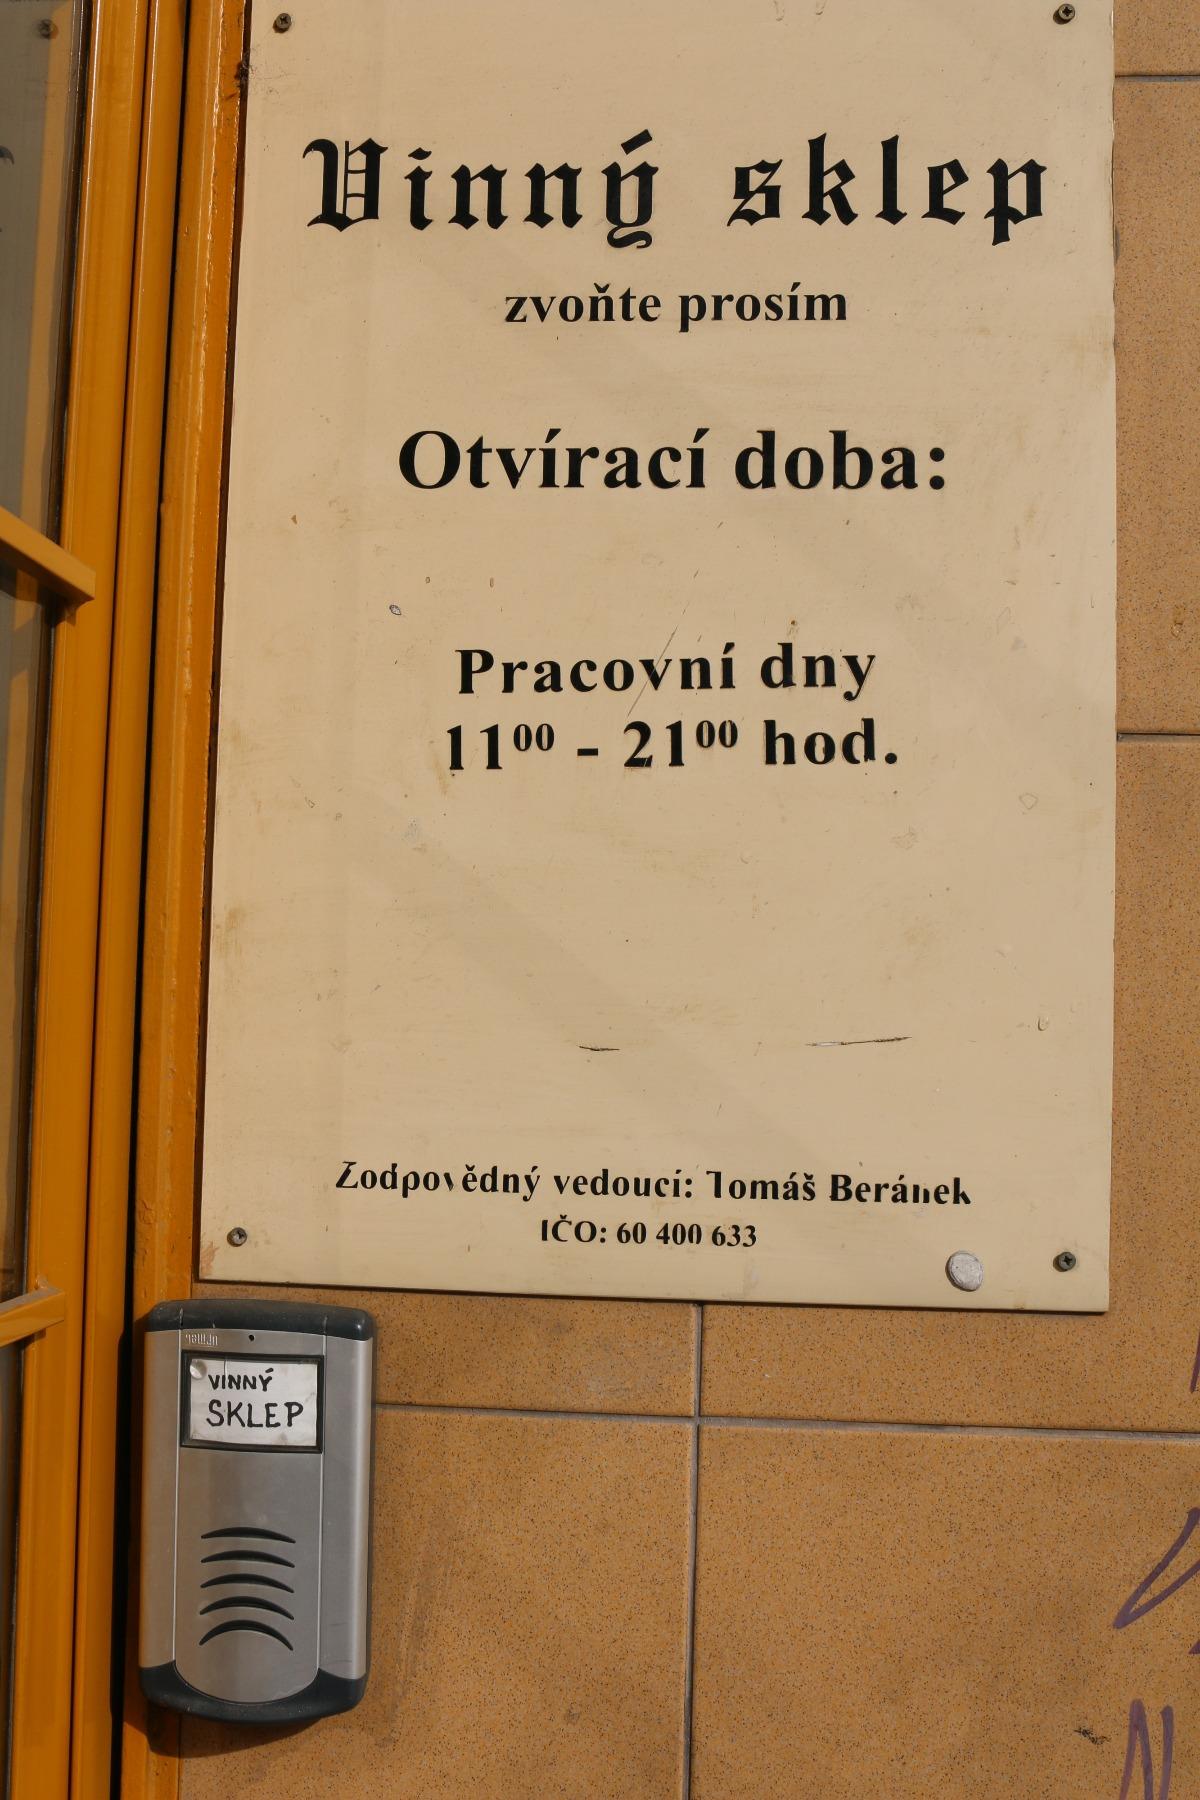 doorbell-2.jpg